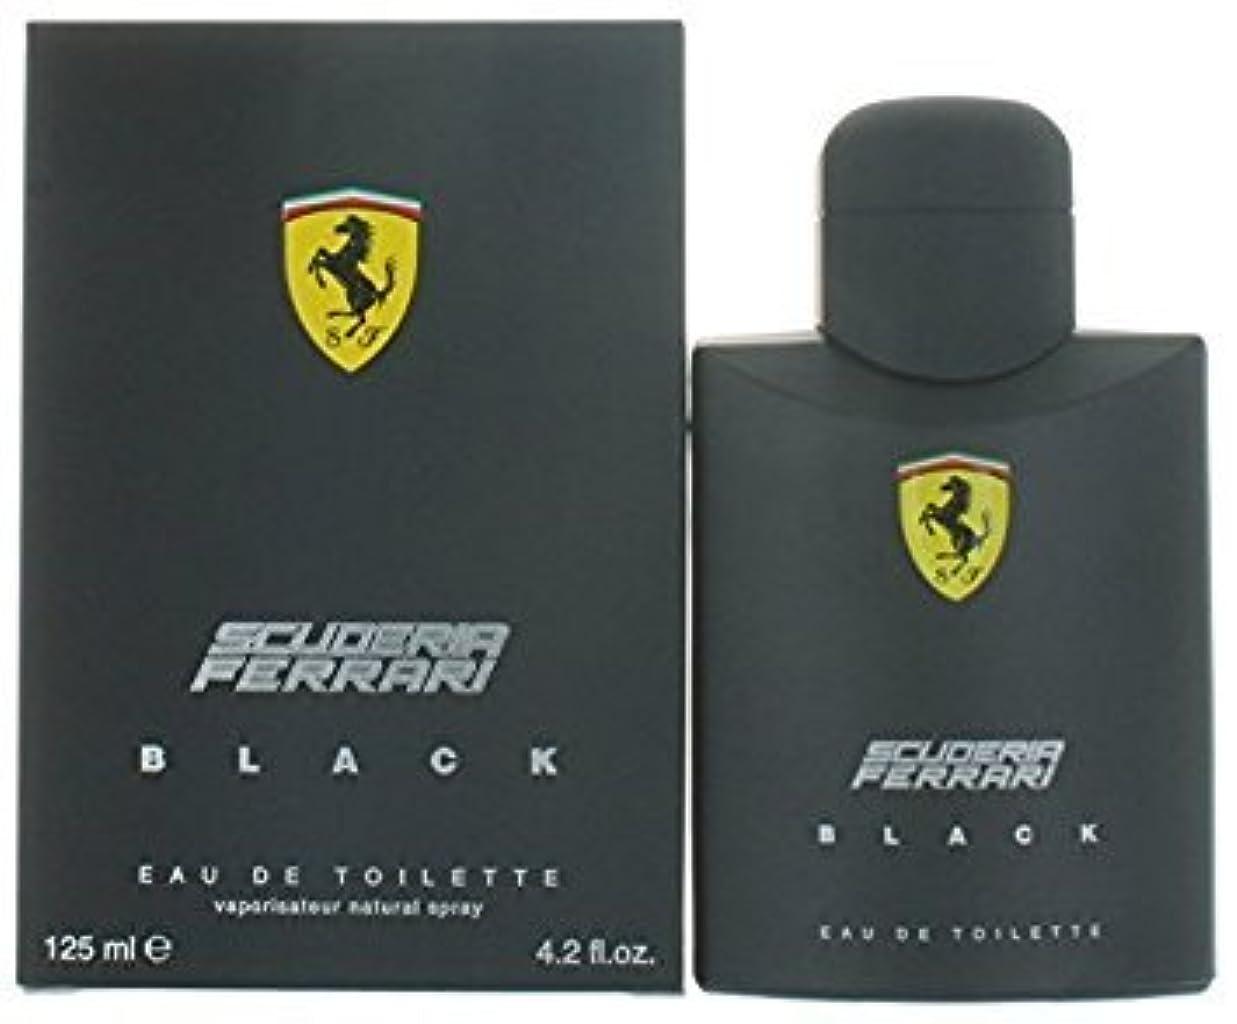 二週間発送春FERRARI フェラーリ フェラーリブラック 125ml メンズ 香水 (並行輸入品)